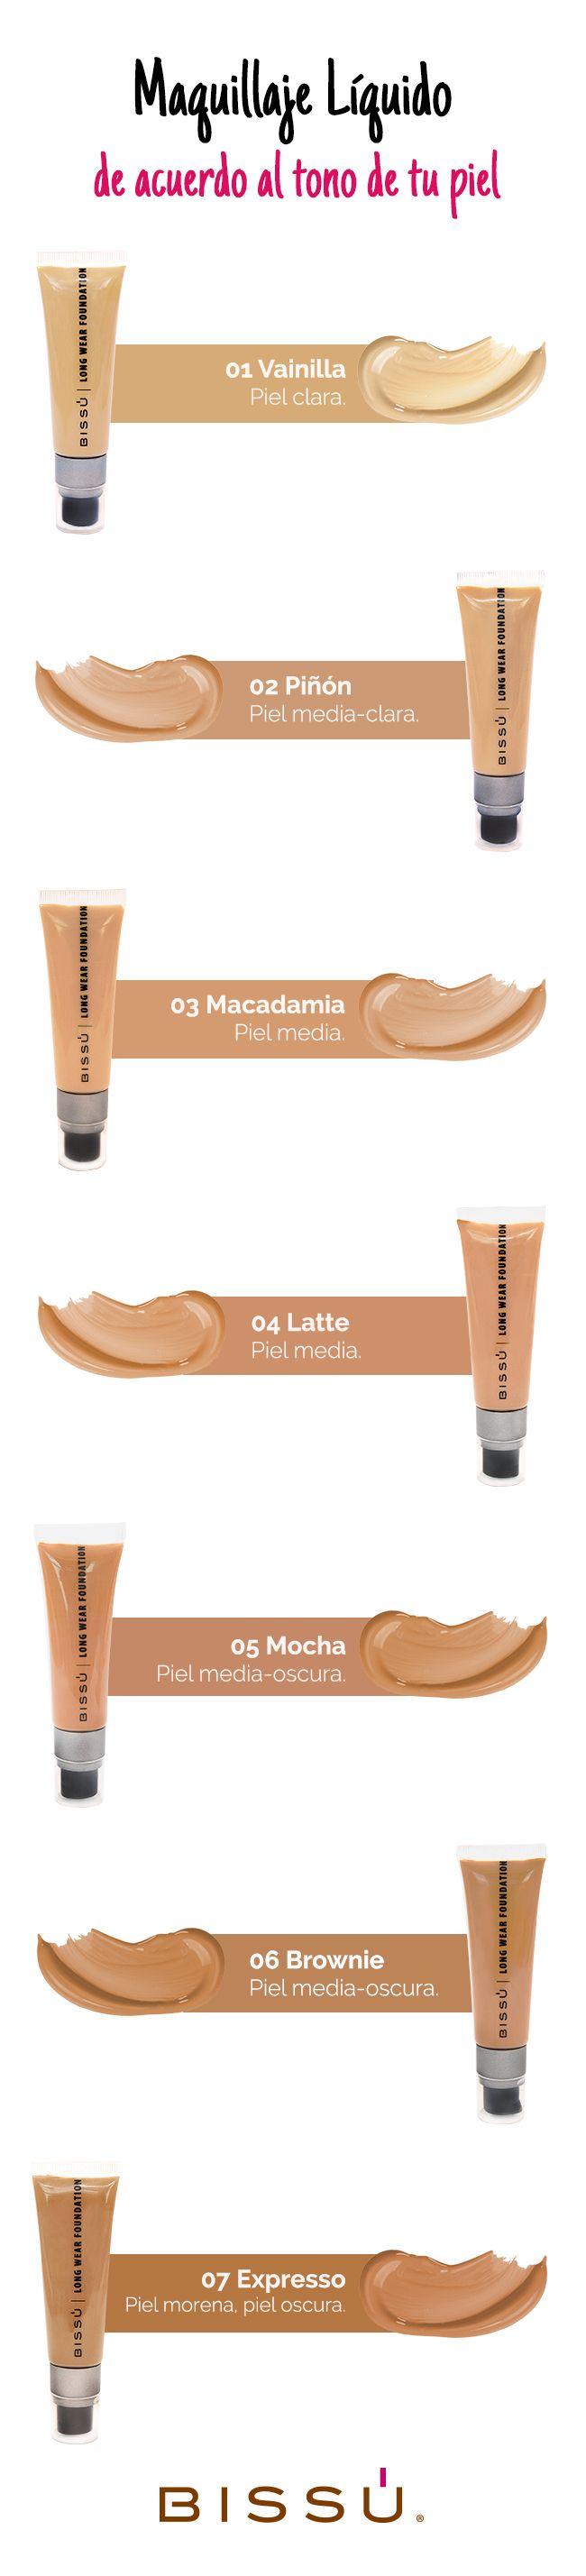 Maquillaje Líquido de acuerdo al tono de tu piel. http://tiendaweb.bissu.com/rostro/205-maquillaje-liquido.html